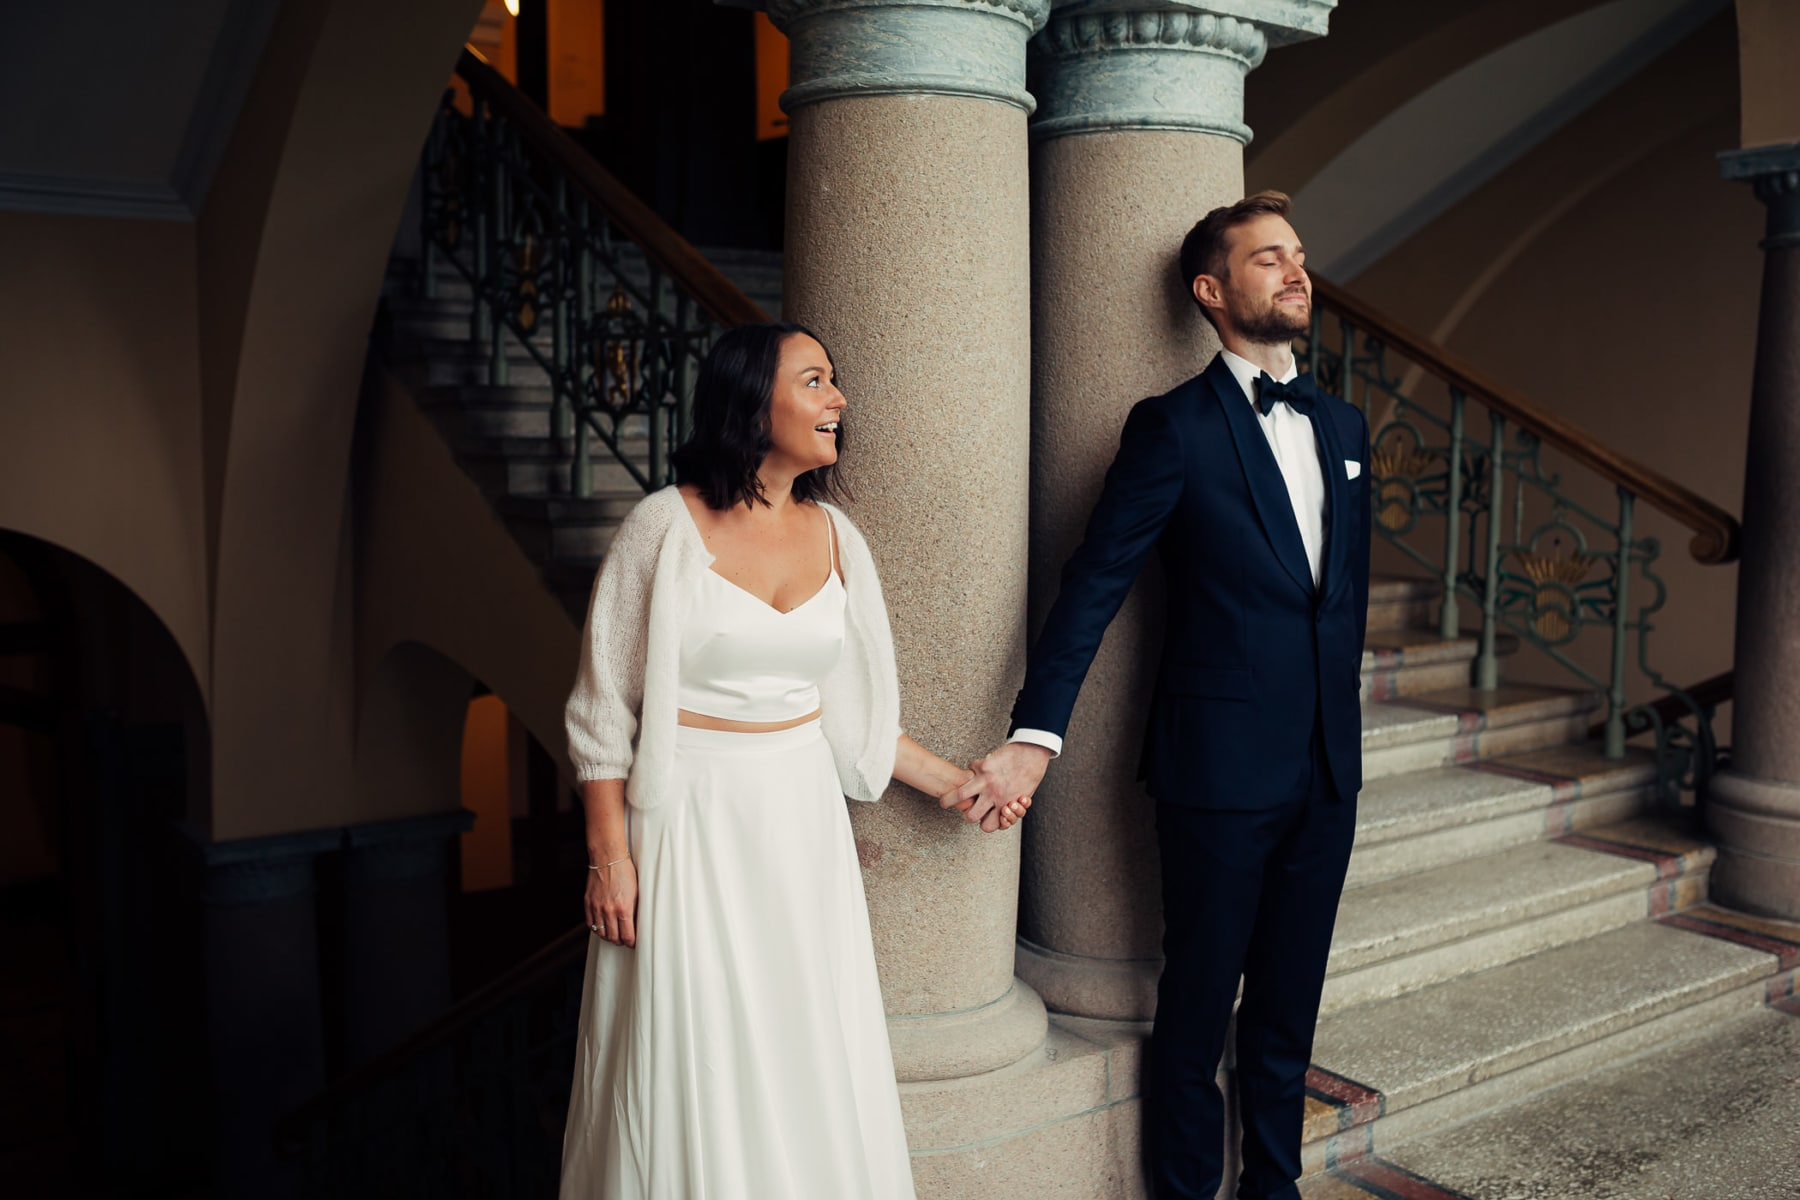 Caroline & Bendik - avslappet og morsomt bryllup i Ski Fotograf bryllup ski 6 Brudepar